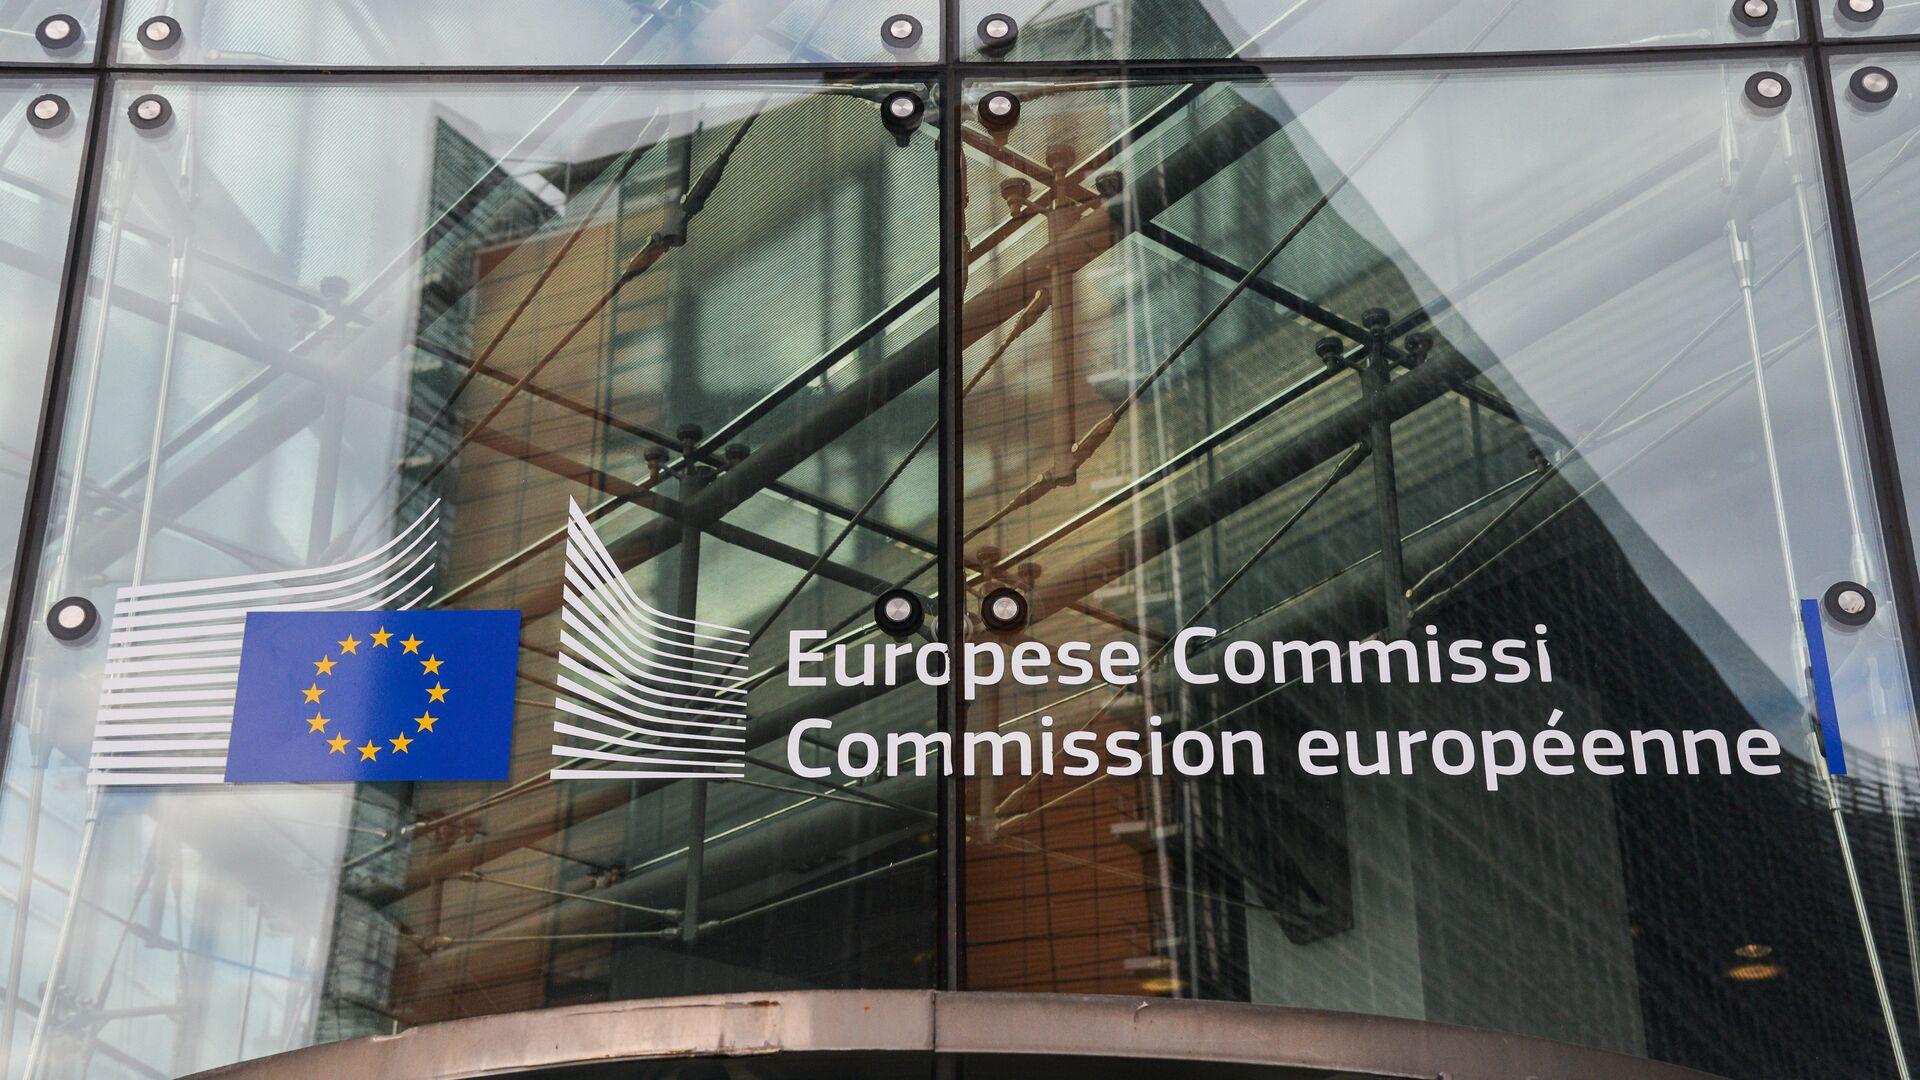 Логотип Евросоюза на здании штаб-квартиры Европейской комиссии в Брюсселе - РИА Новости, 1920, 22.09.2021